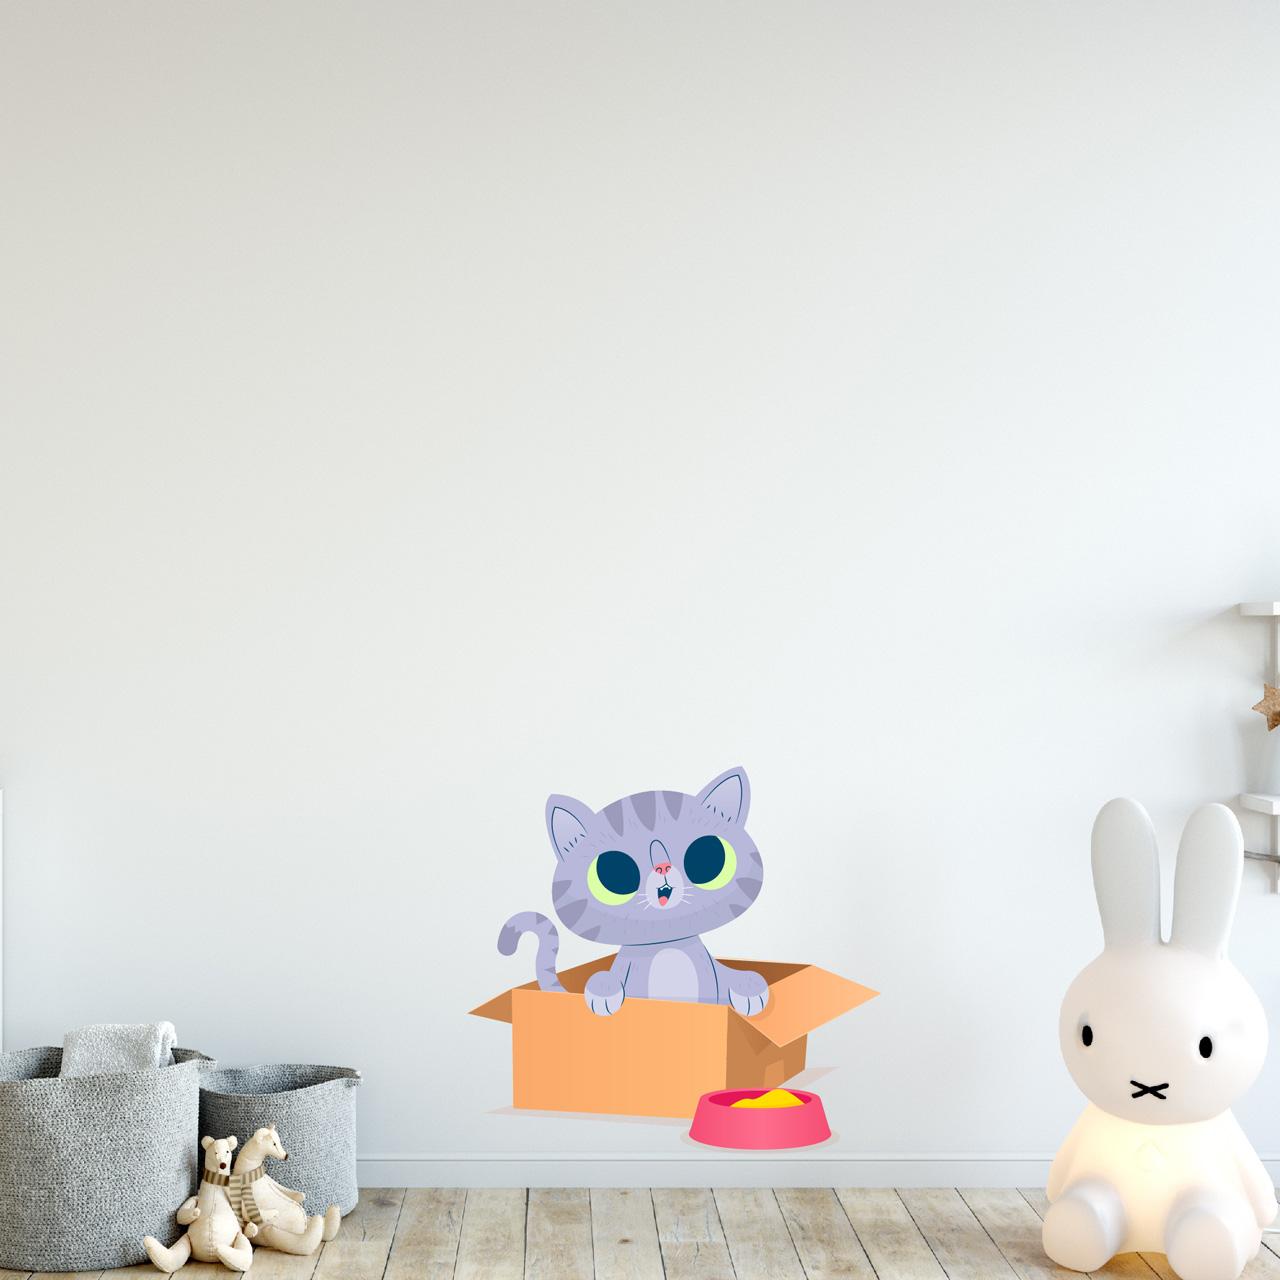 استیکر دیواری کودک هفال طرح پیشی بازیگوش کد 68a